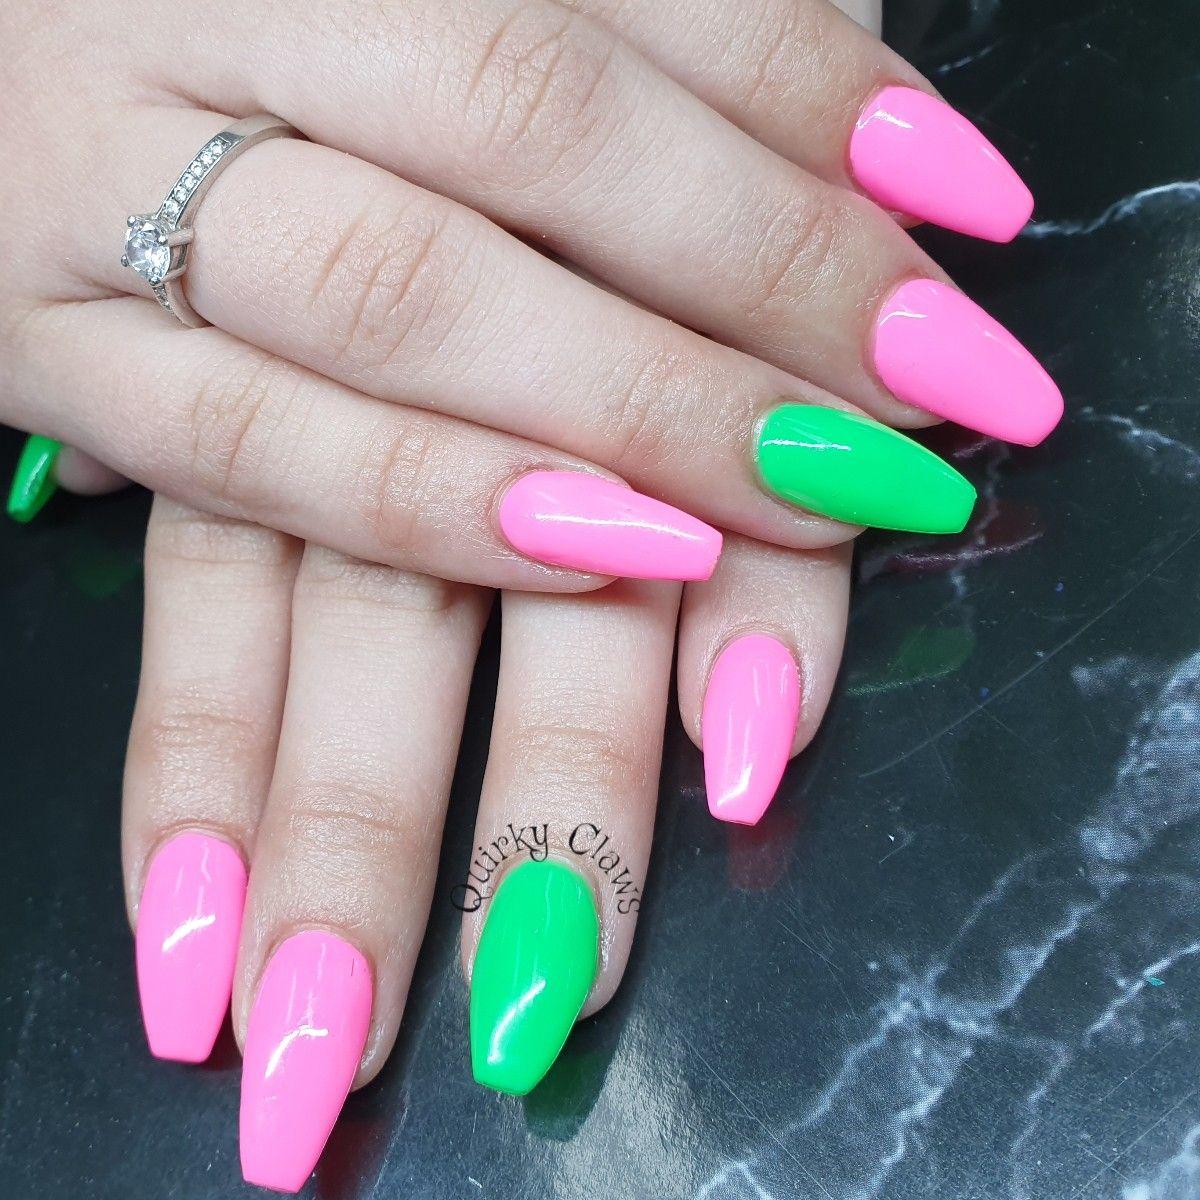 Neon Nails Pink Nails Green Nail Designs Neon Green Nails